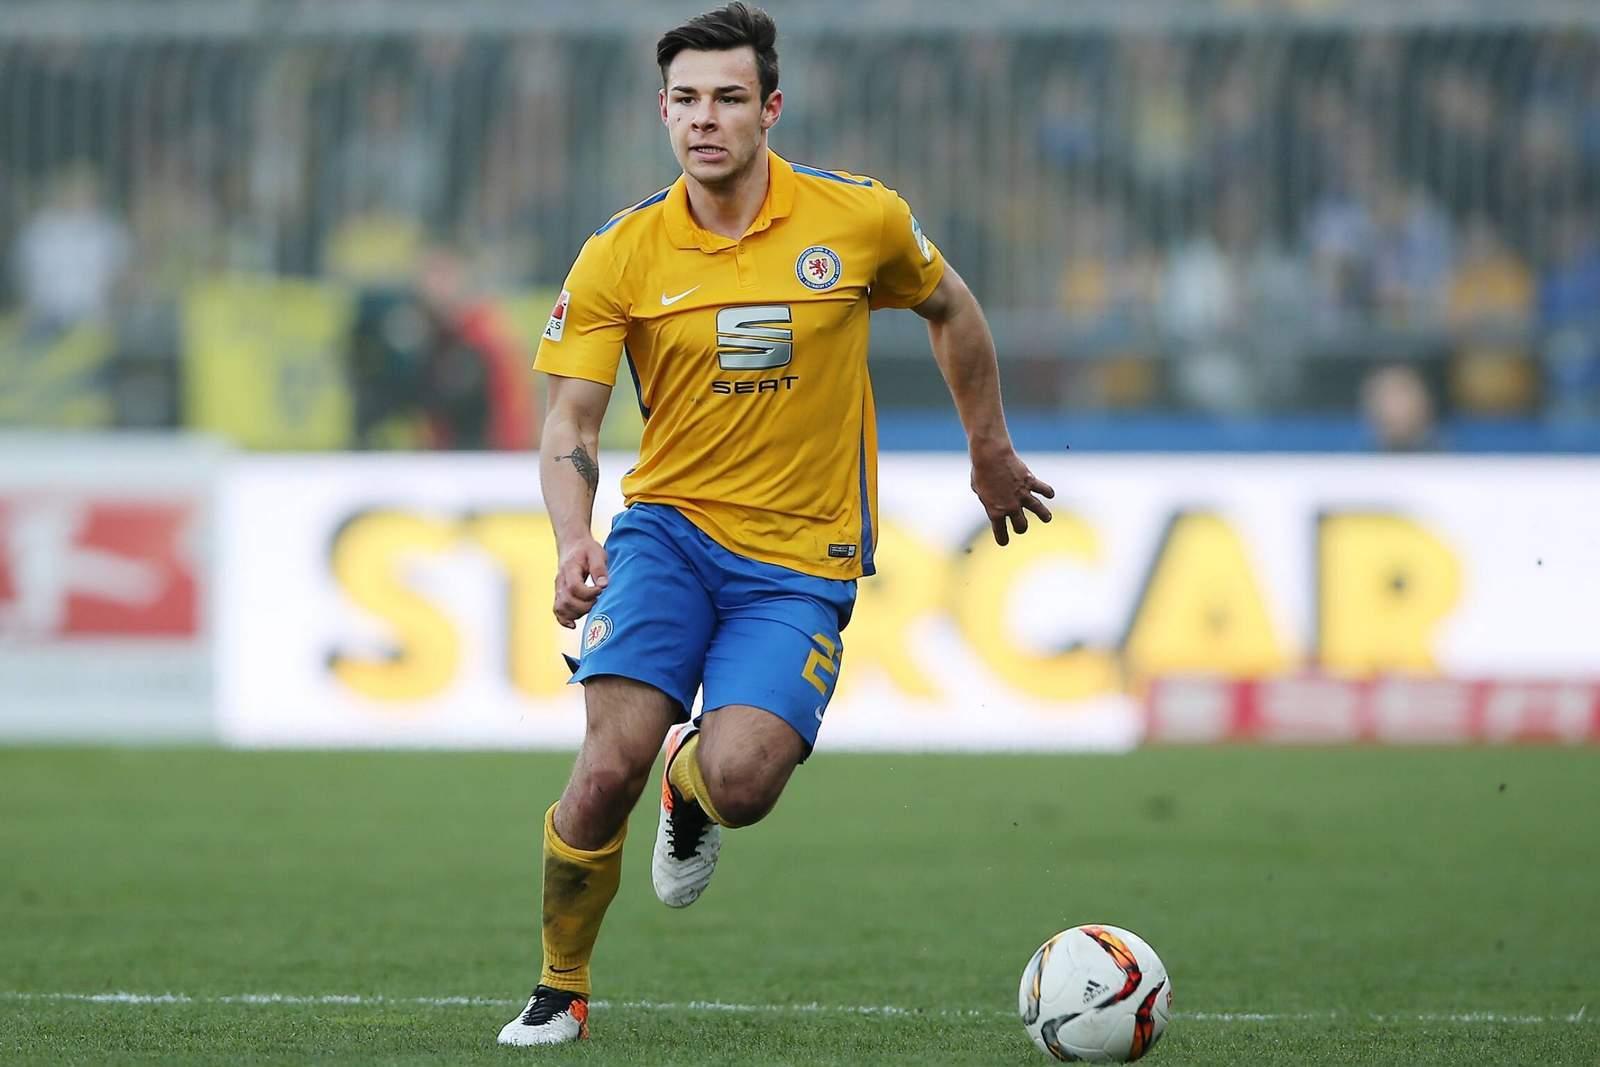 Niko Kijewski ist für Eintracht Braunschweig am Ball.